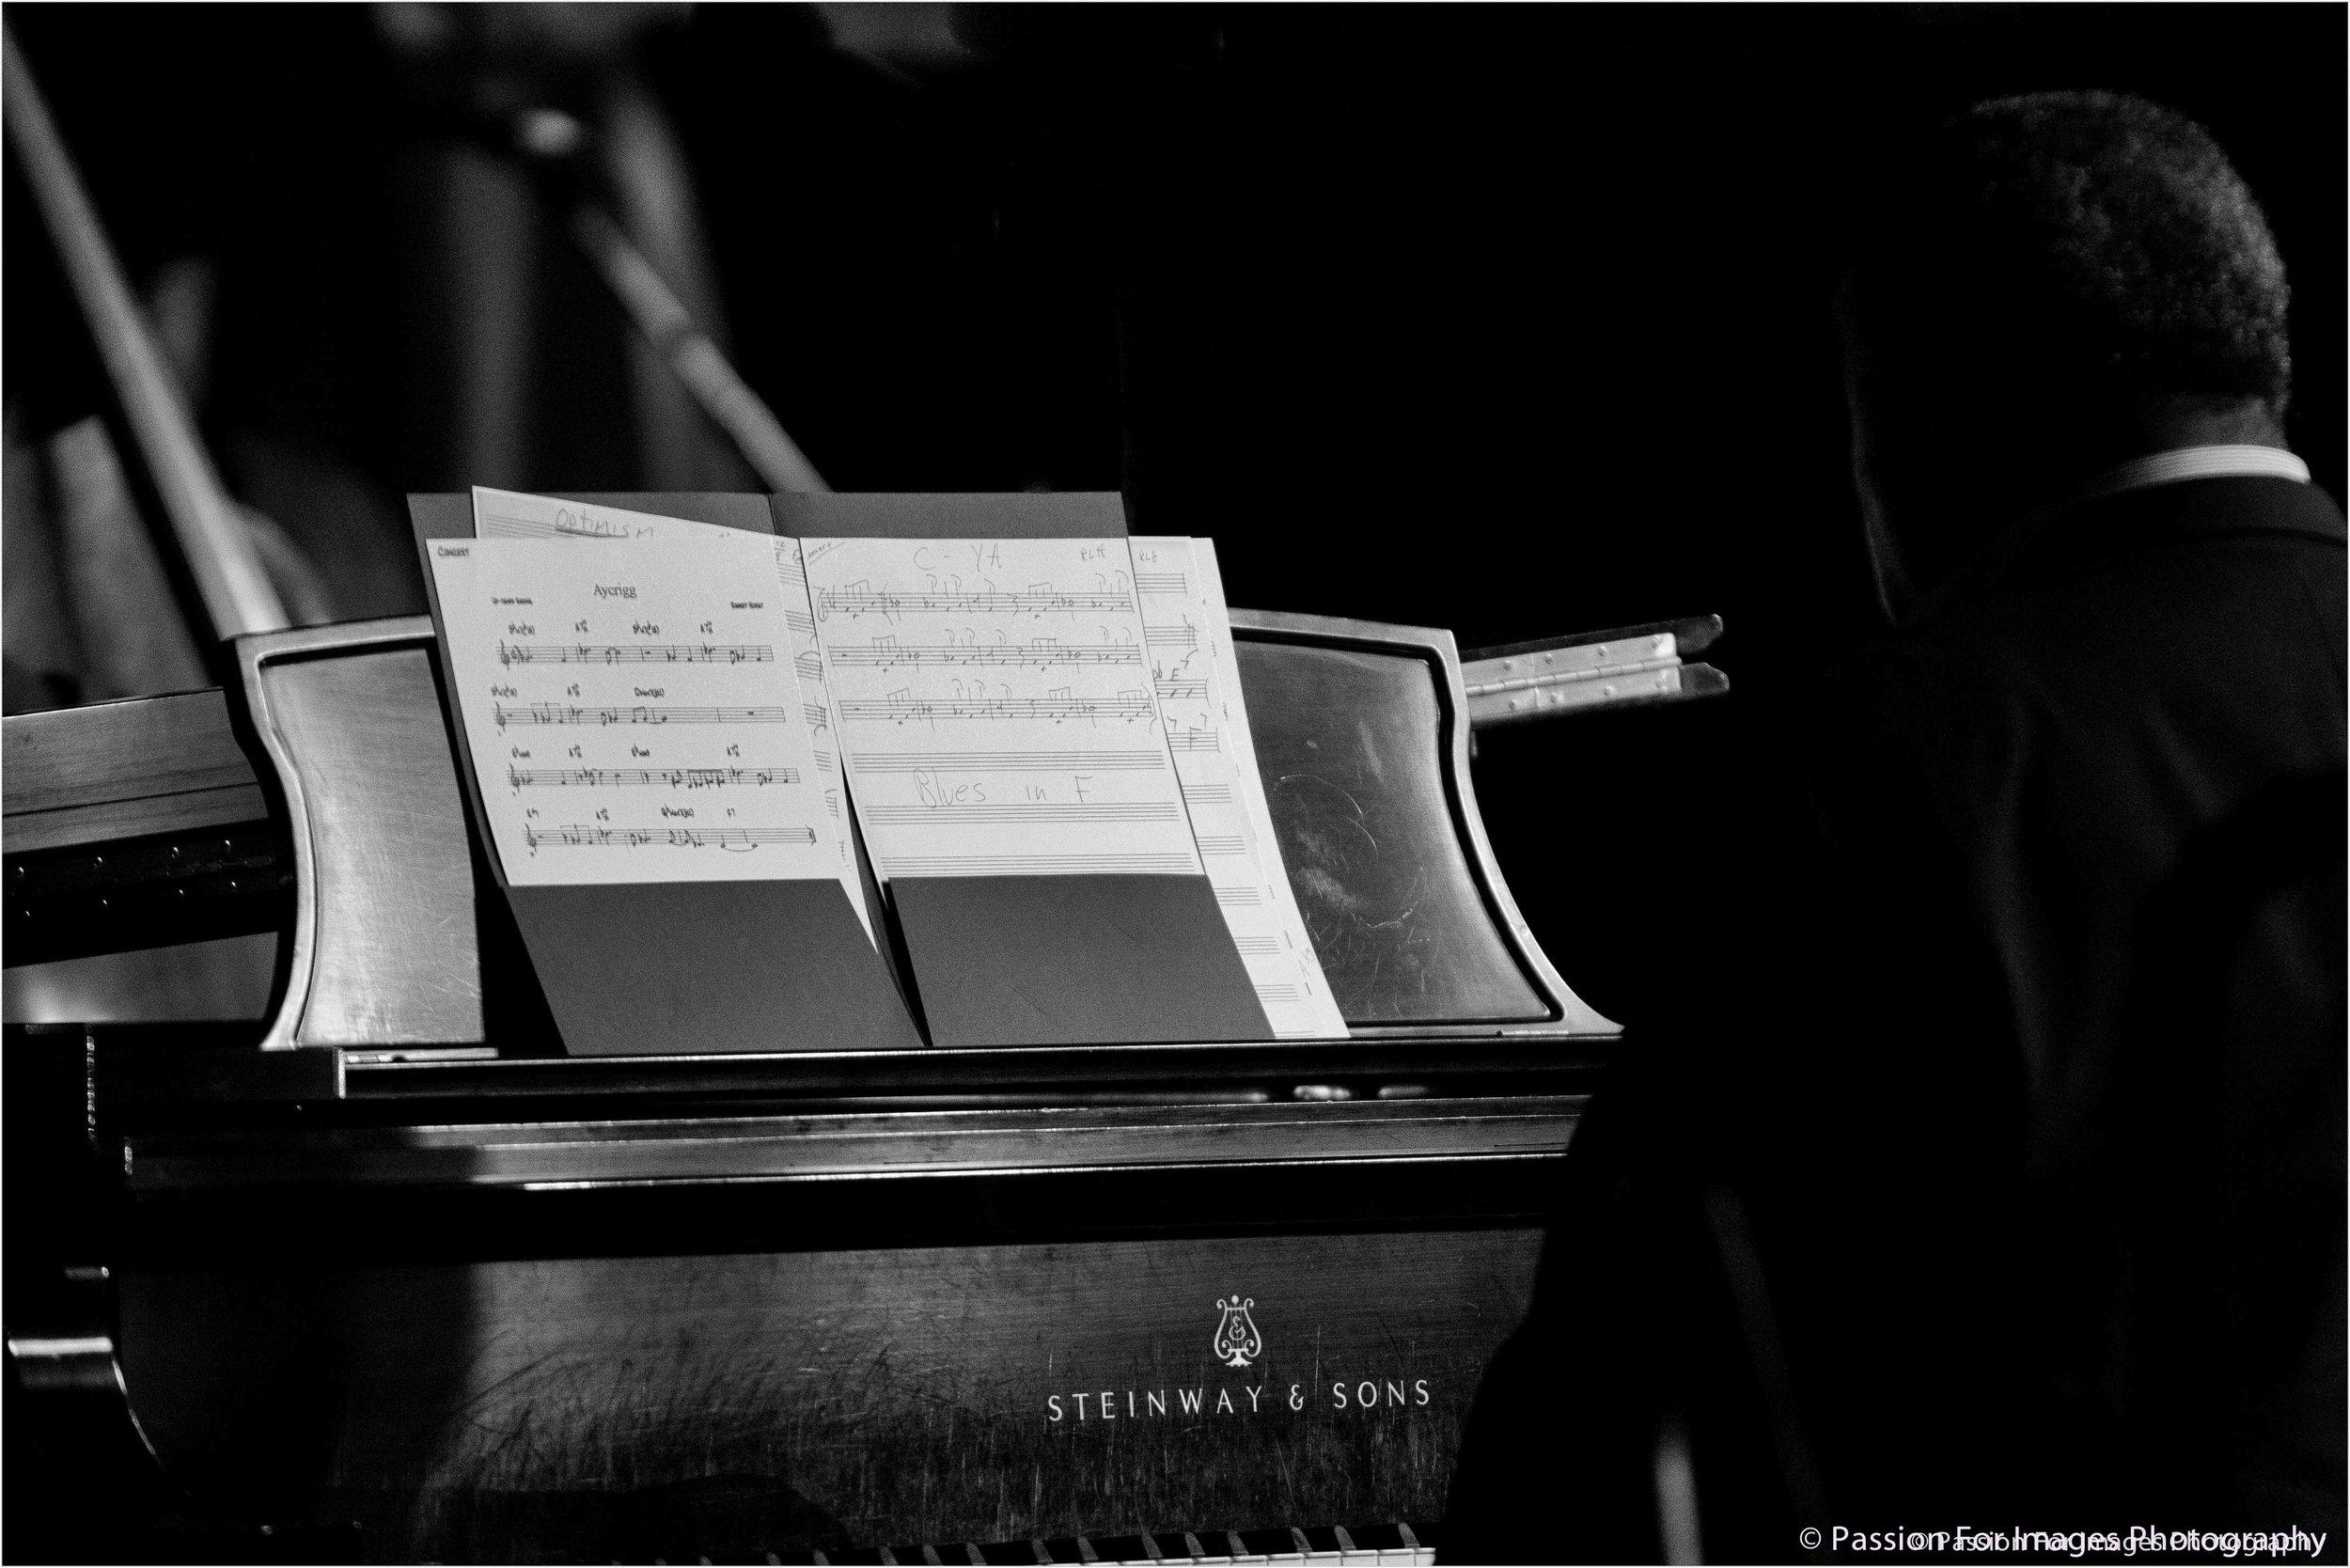 Lichtwert-BestOf_Eichelmann_PFI_DSC_2288-2010_09_Dowtown-Jazz-Edit-4.jpg